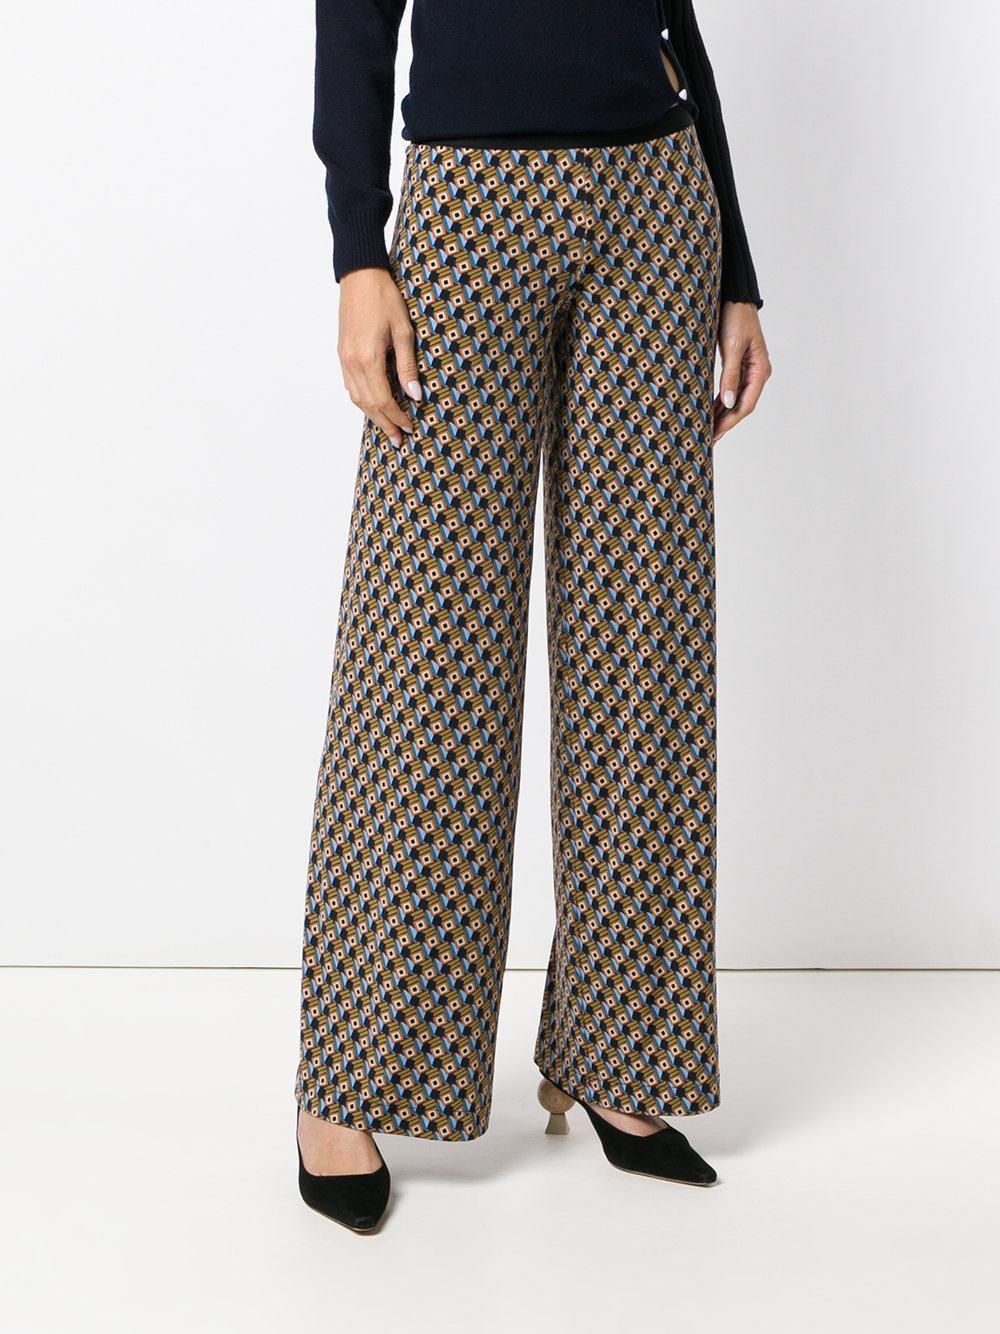 Pantalon Droits D'impression Géométriques - Multicolor Siyu 4a3Edm